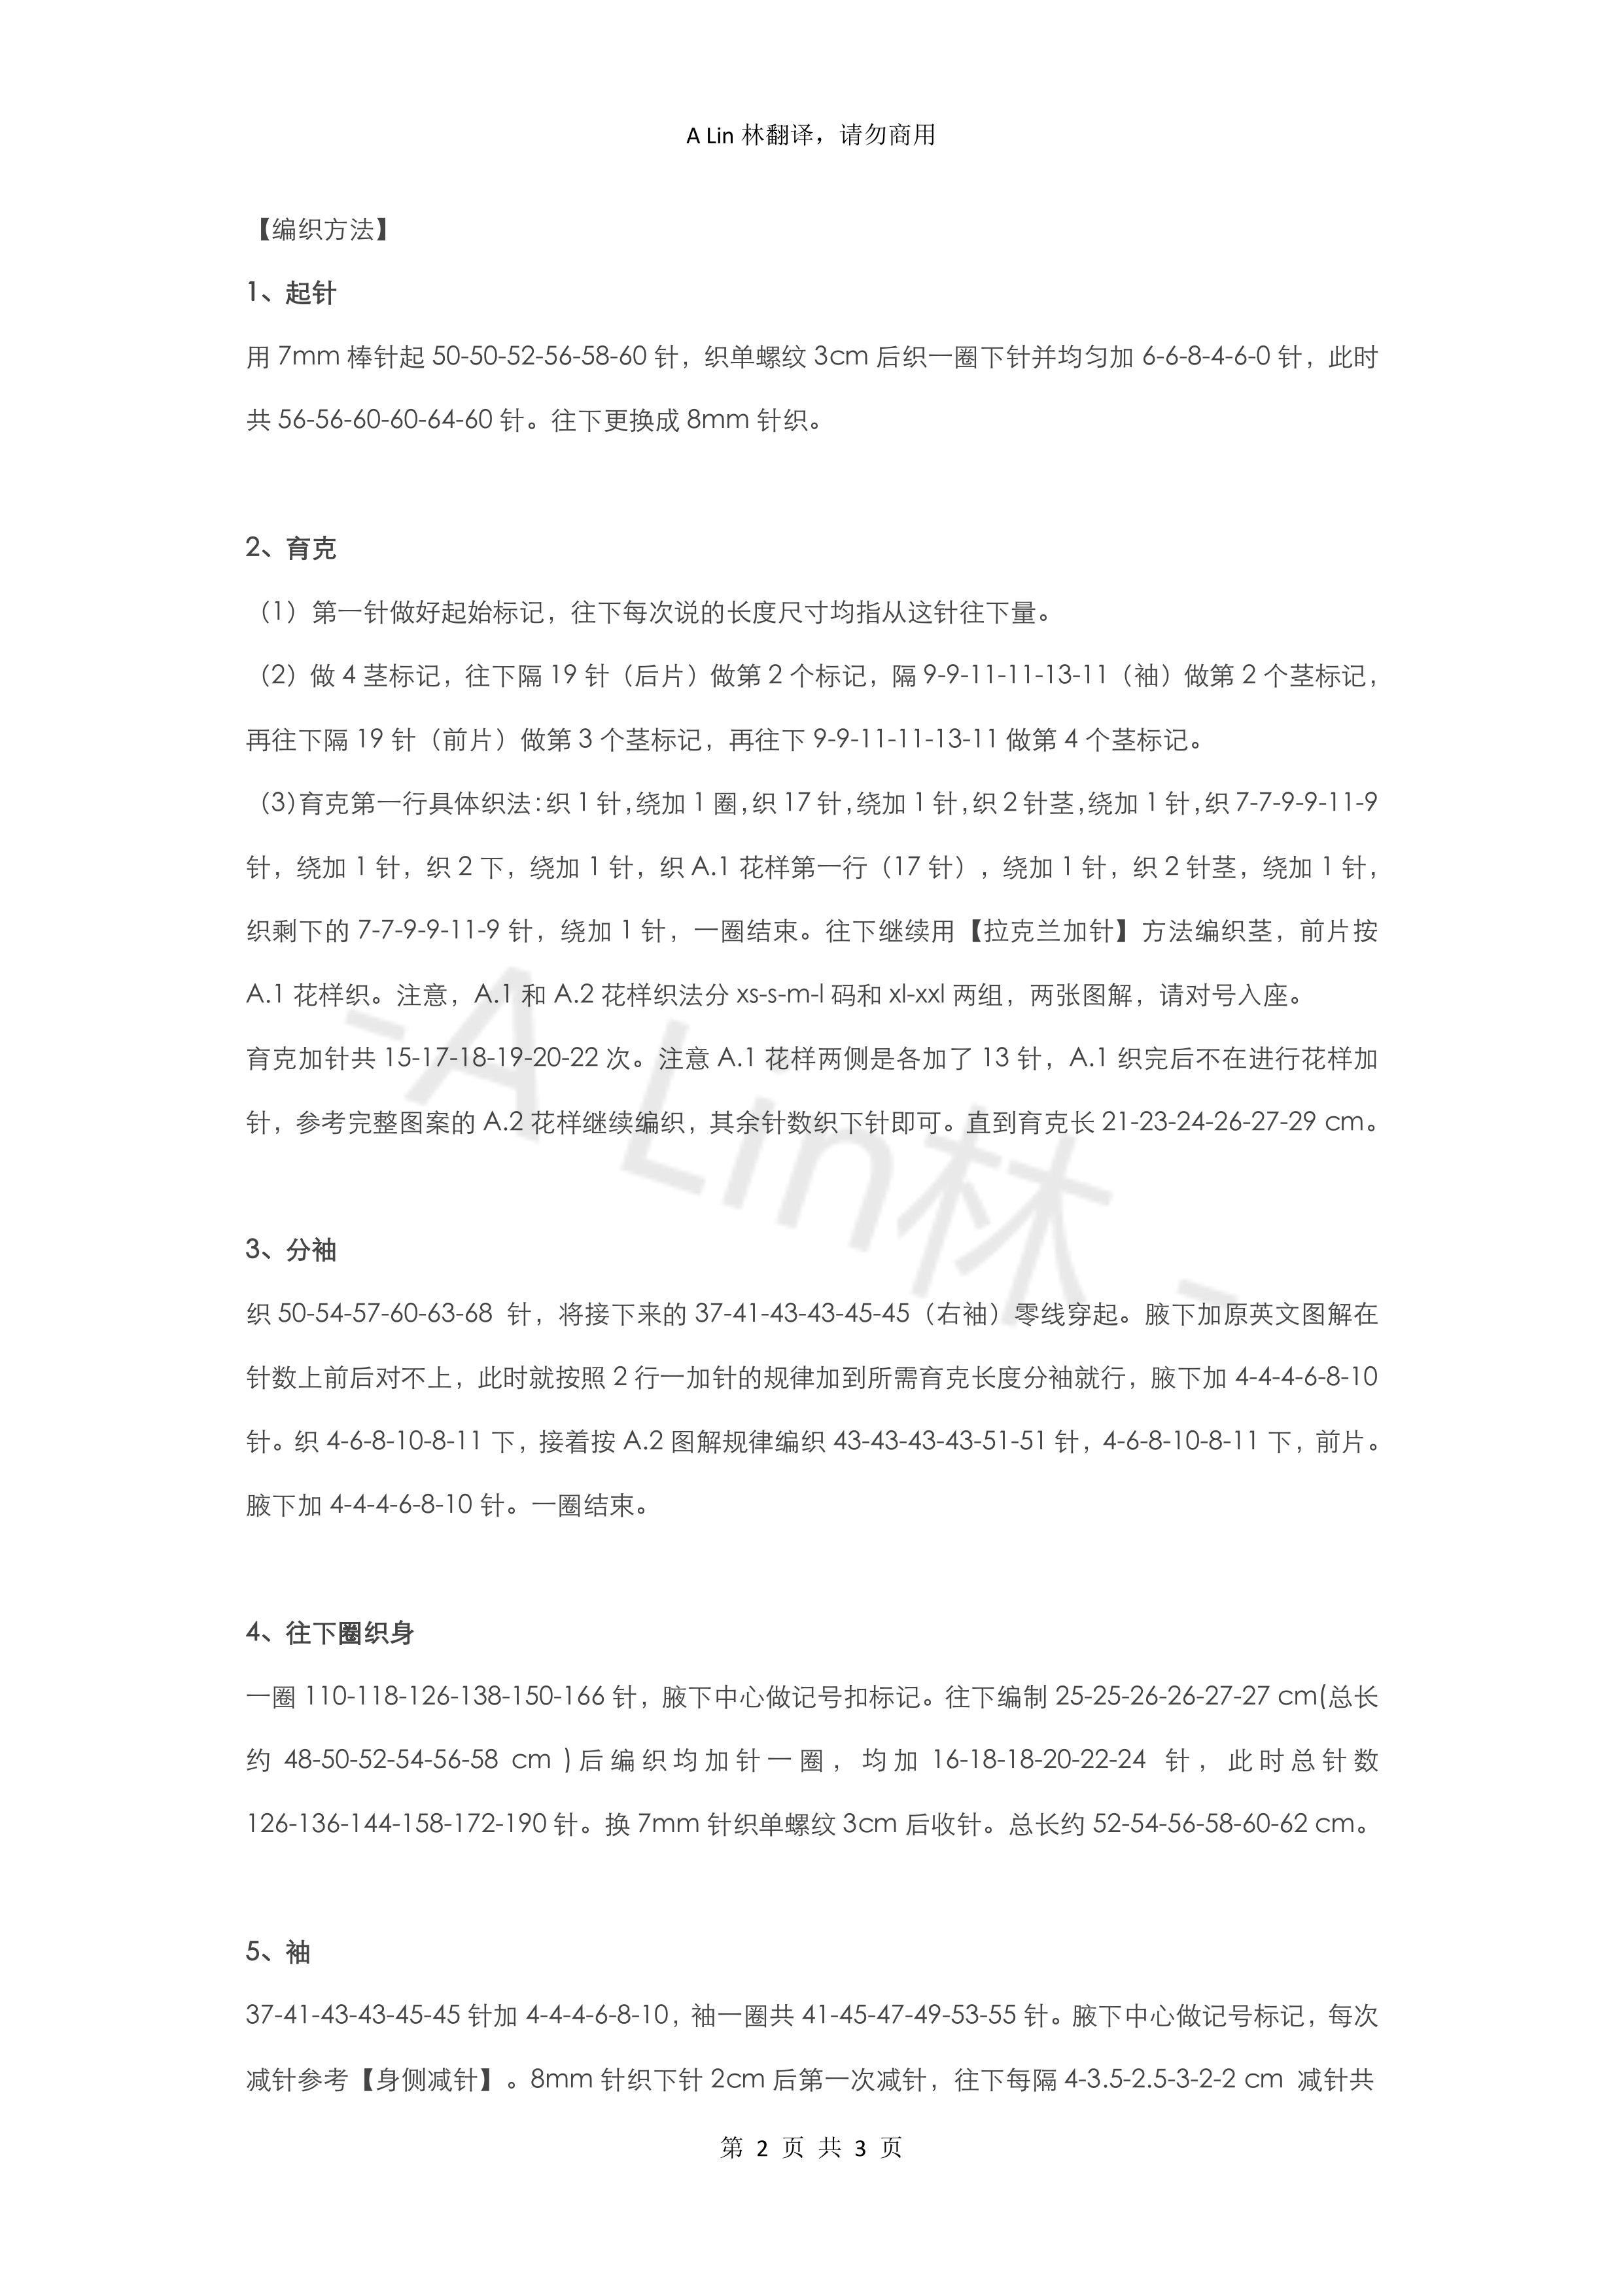 【A Lin林翻译】柠檬-粗针羊驼羊毛镂空套头衫 (2).jpg